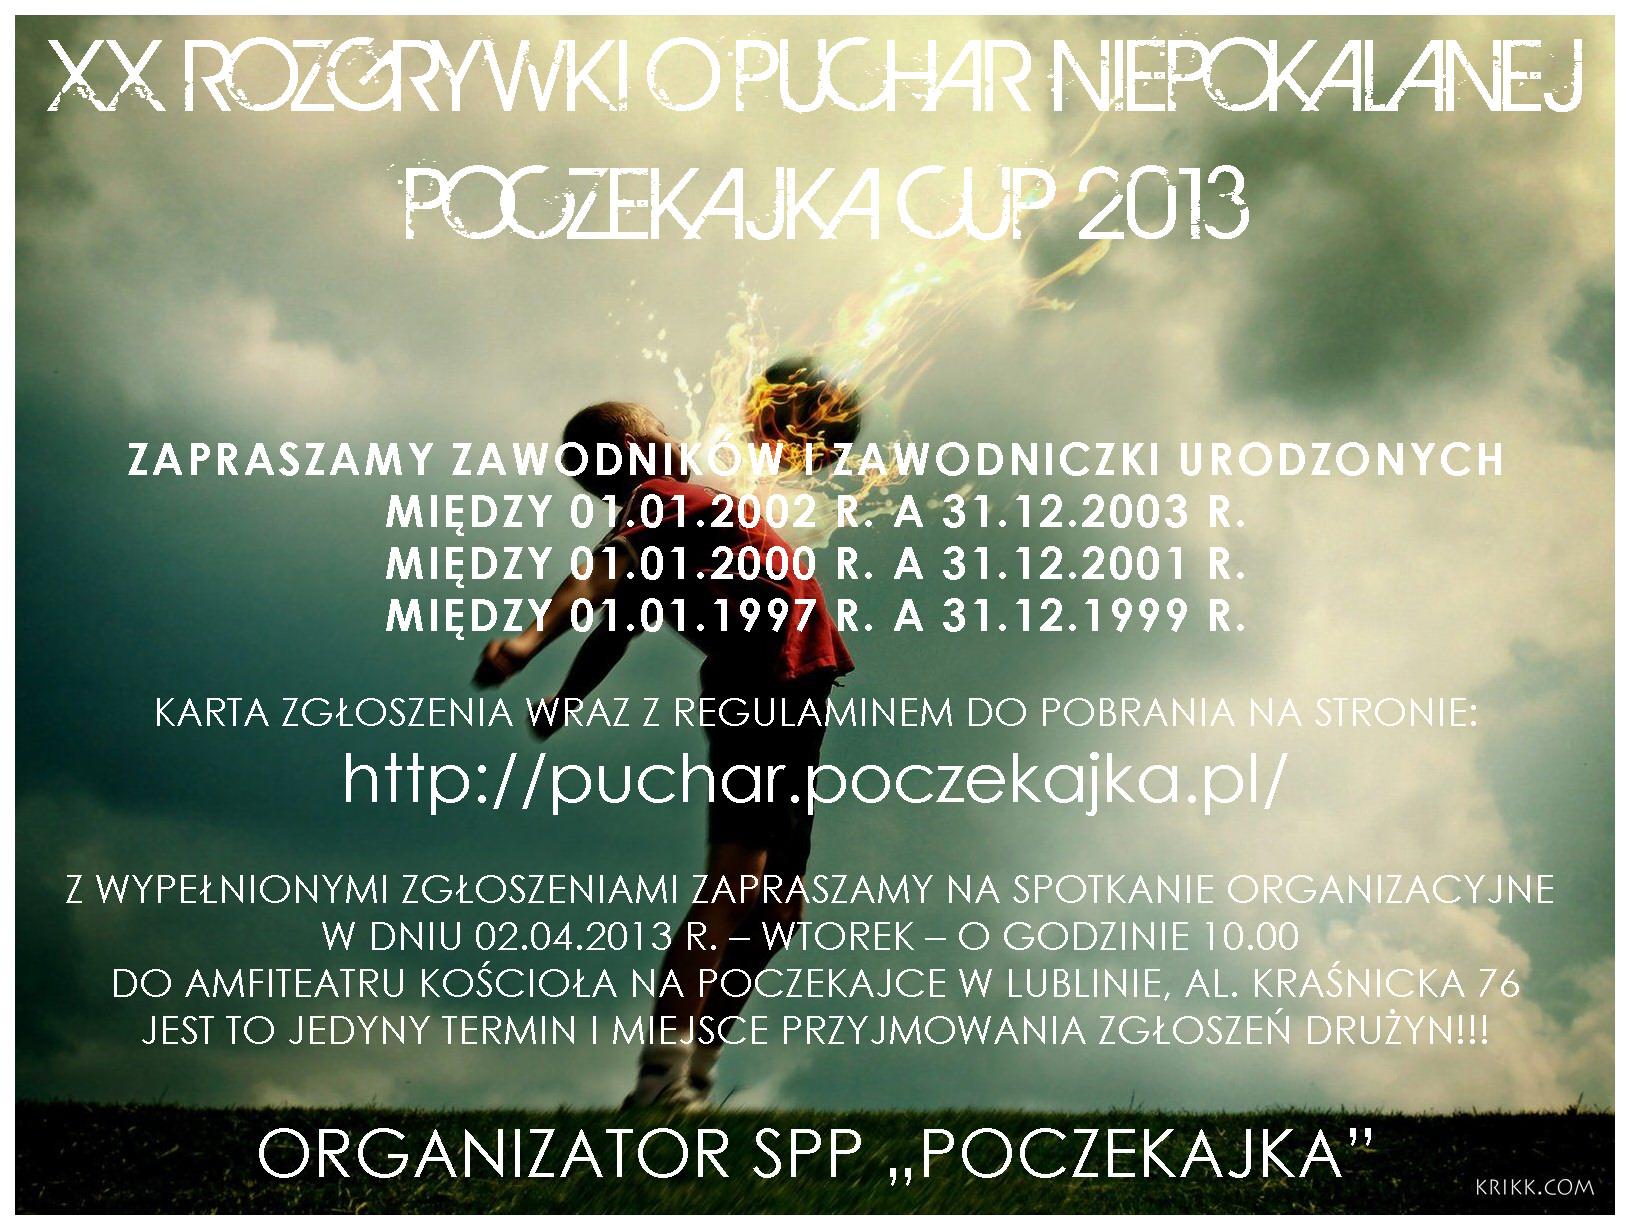 Mistrzostwa o Puchar Niepokalanej 2013